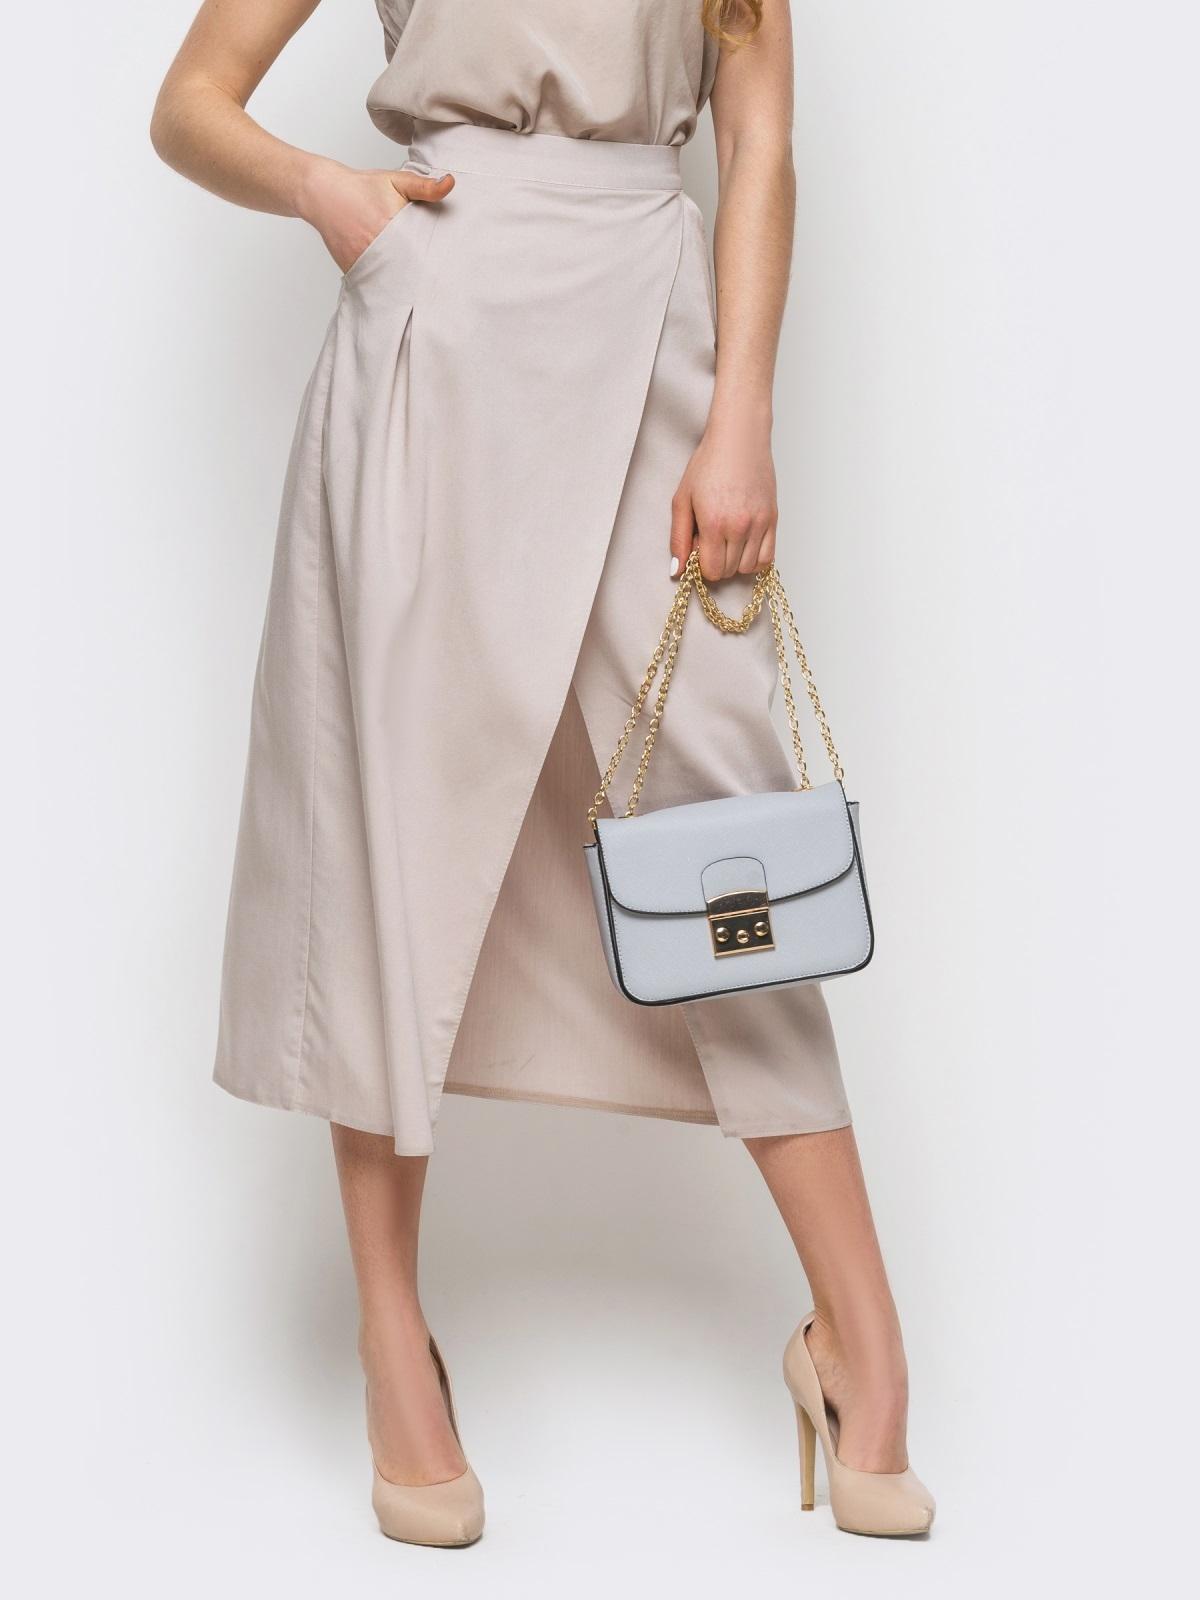 Серая юбка-миди на запах из костюмной ткани - 12892, фото 1 – интернет-магазин Dressa